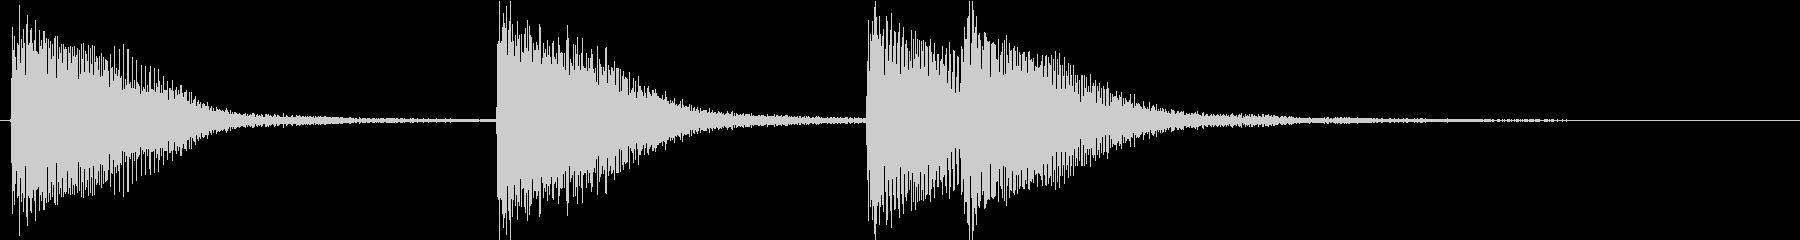 ピアノジングル 幼児向けアニメ系D-03の未再生の波形